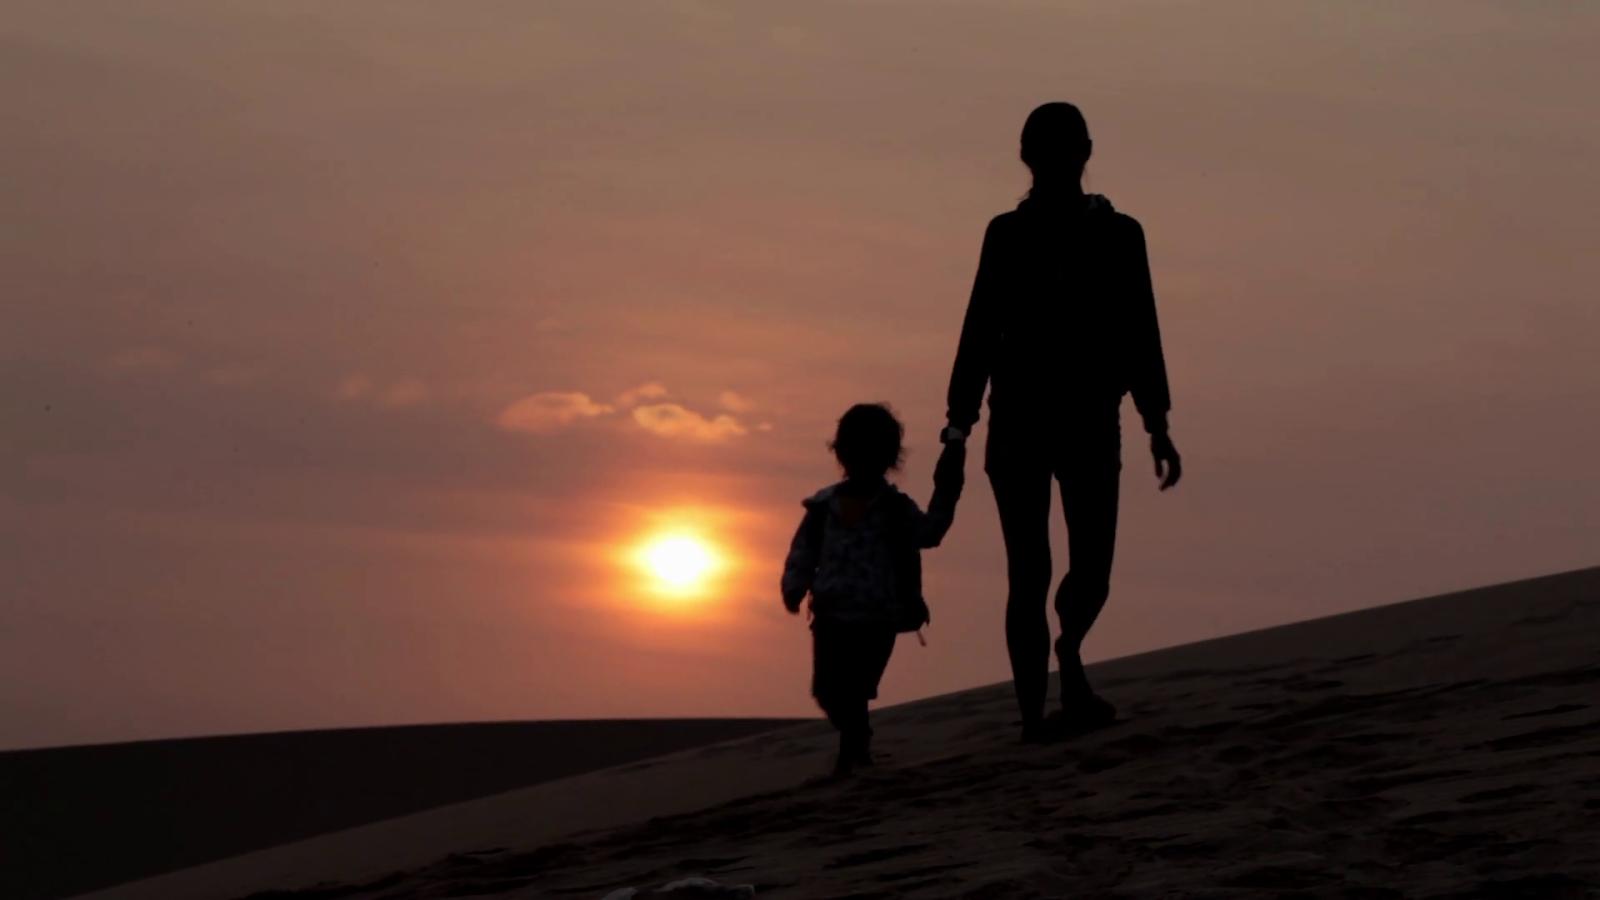 Thư gửi con của mẹ đơn thân: Mẹ sẽ mạnh mẽ để con trưởng thành trong bình yên! - Ảnh 1